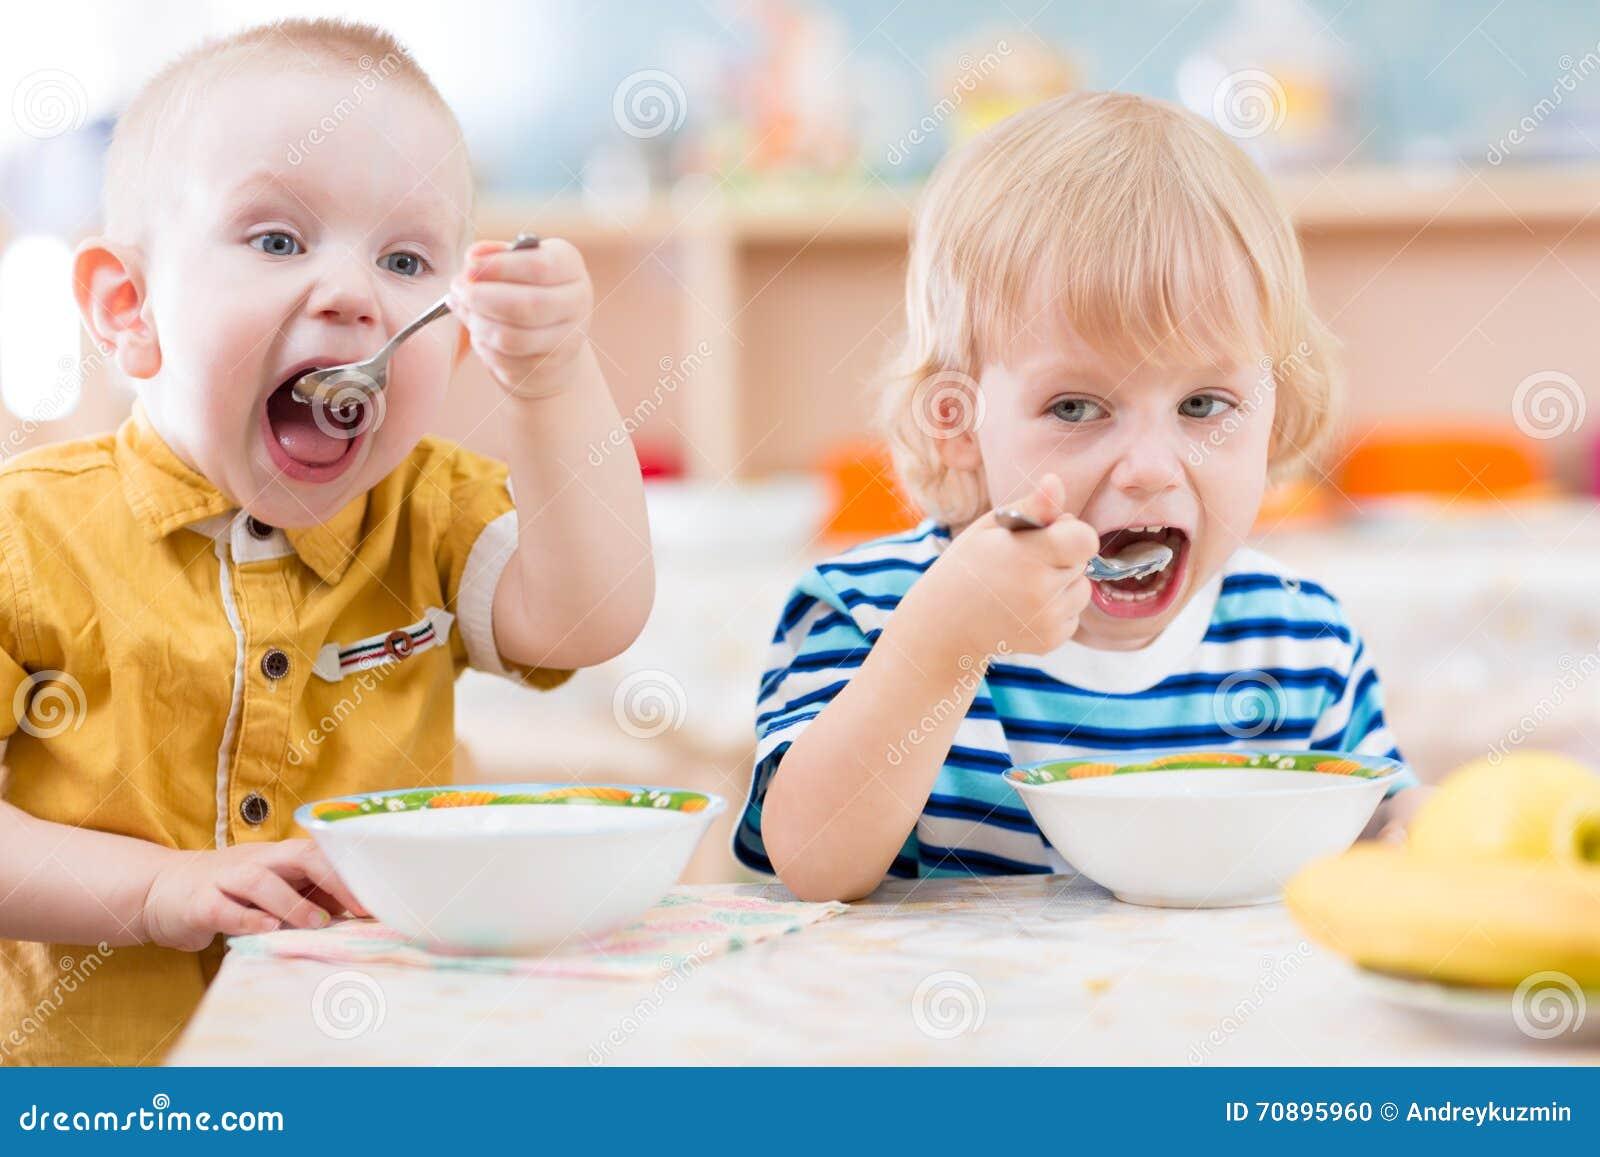 lustige kleinkinder die von den platten im kindergarten essen stockfoto bild von lustig. Black Bedroom Furniture Sets. Home Design Ideas